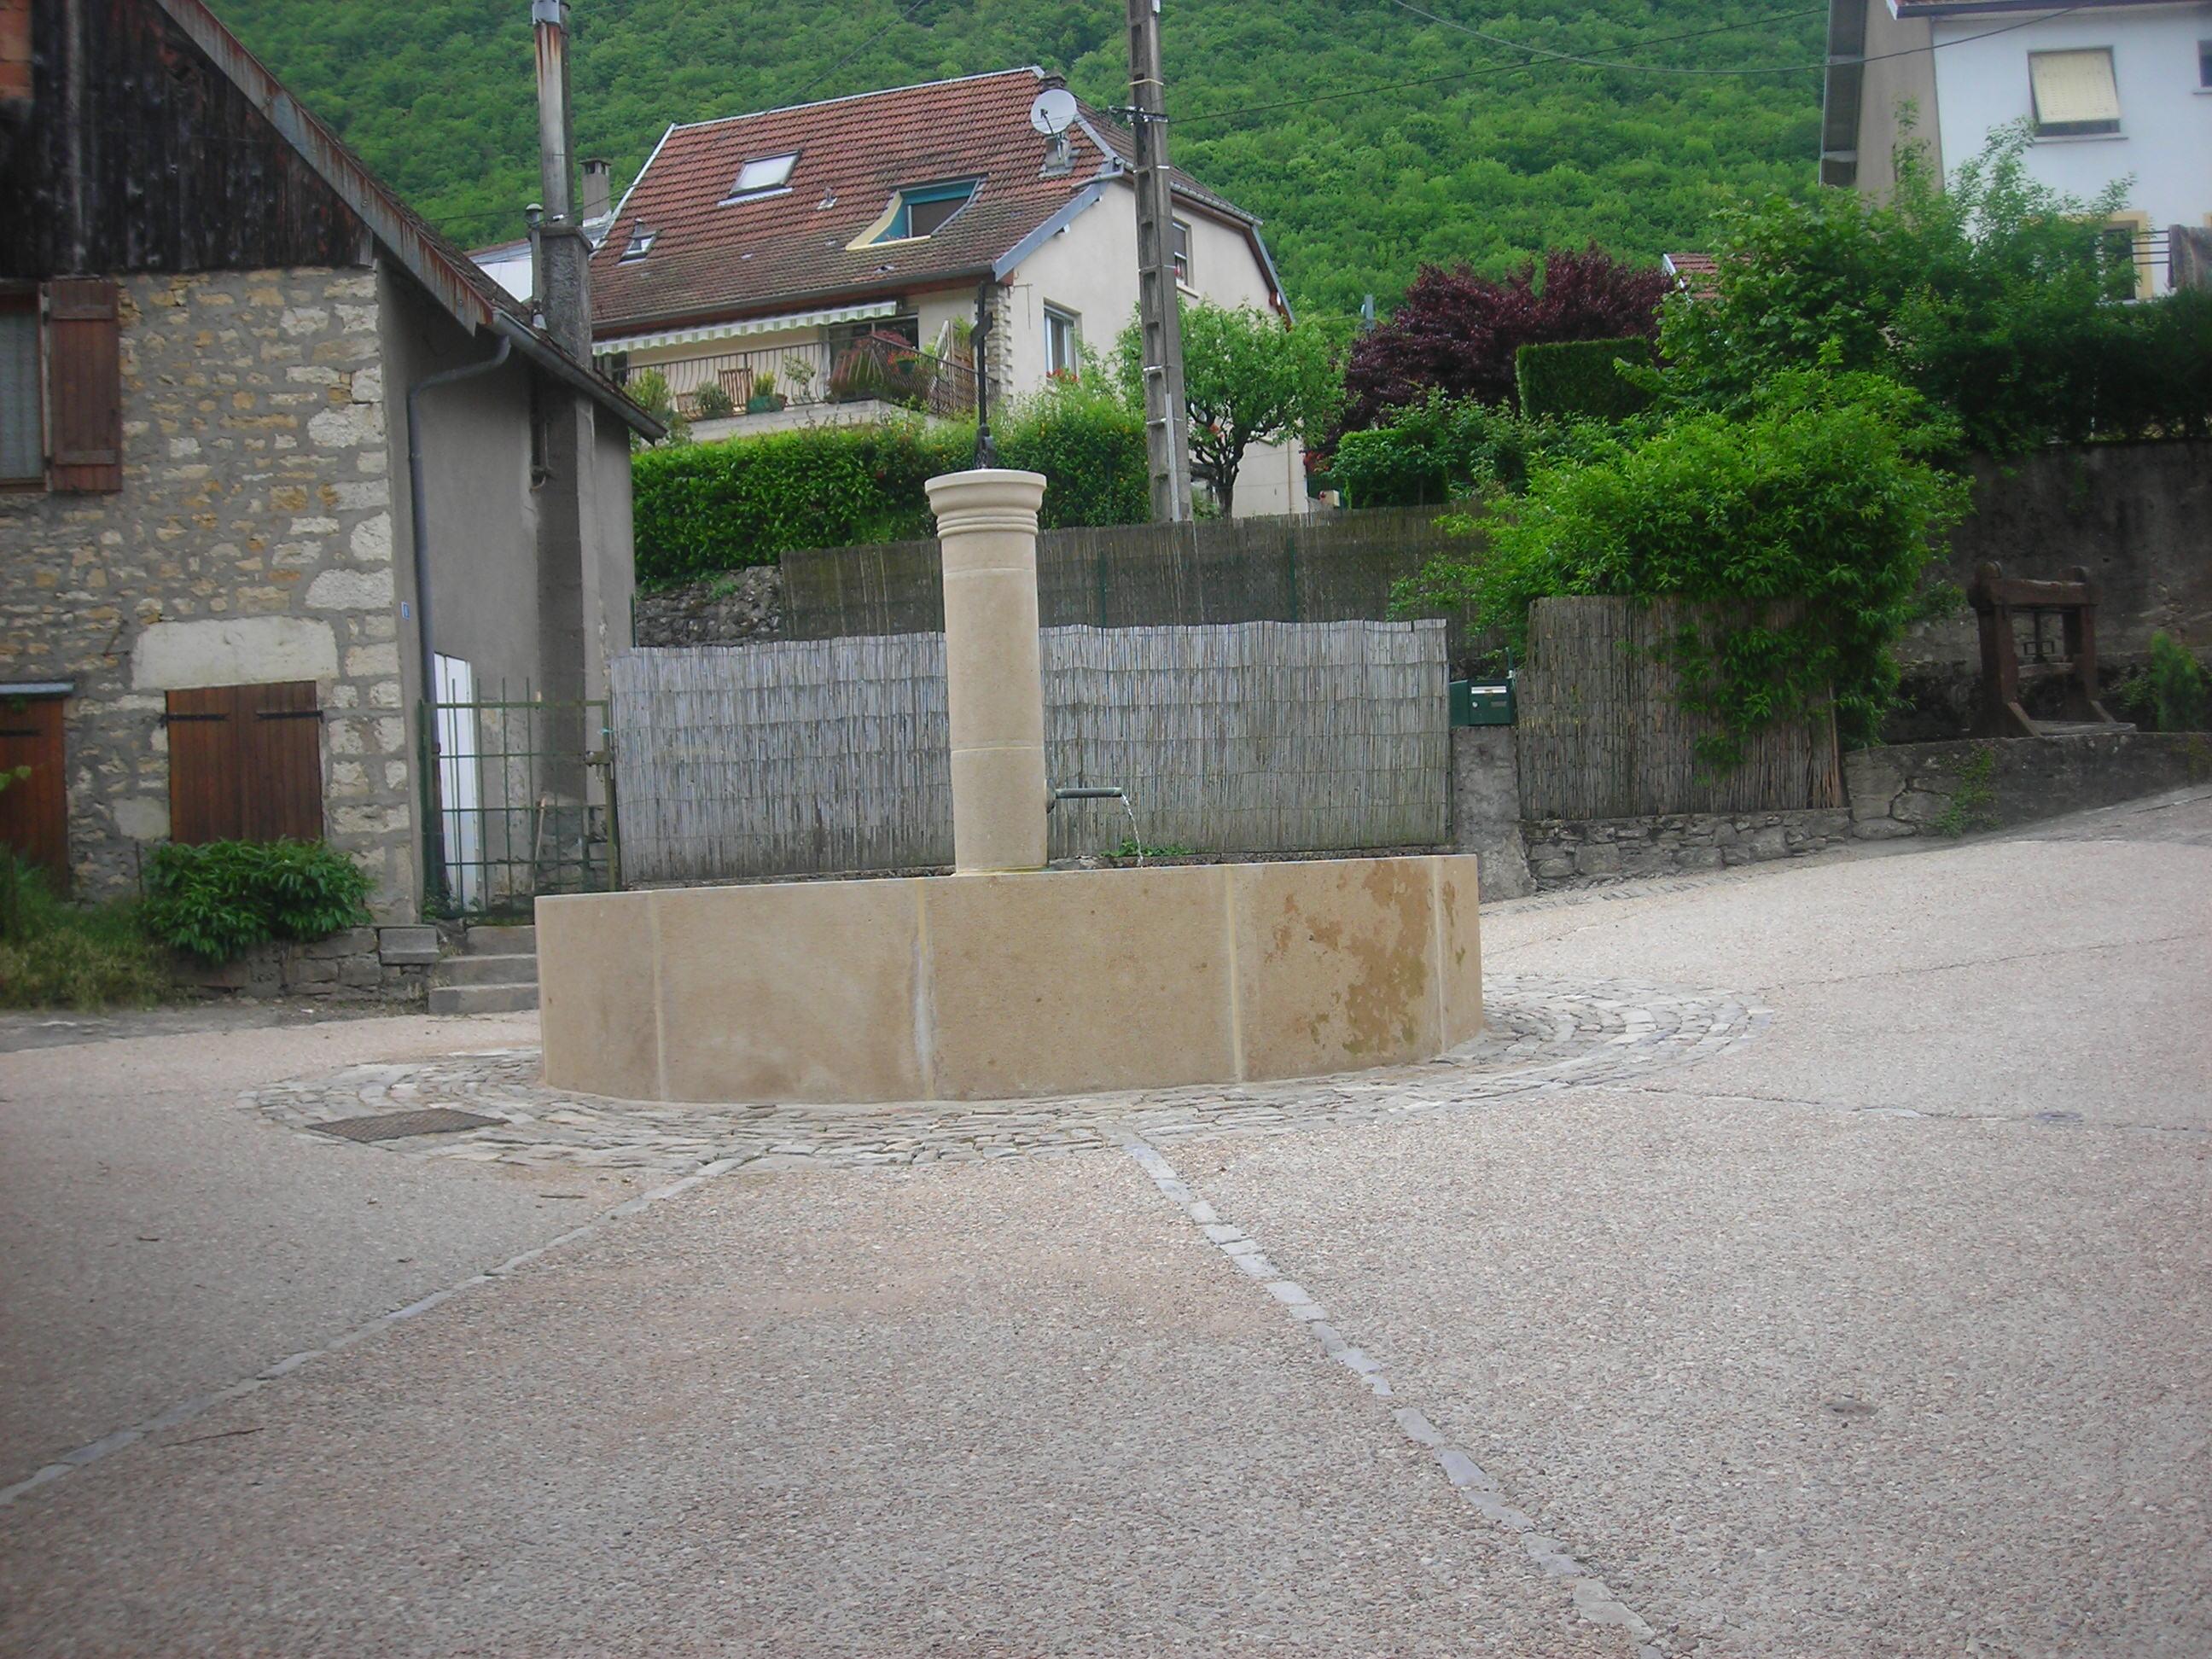 fontaine-en-2006-photo-3